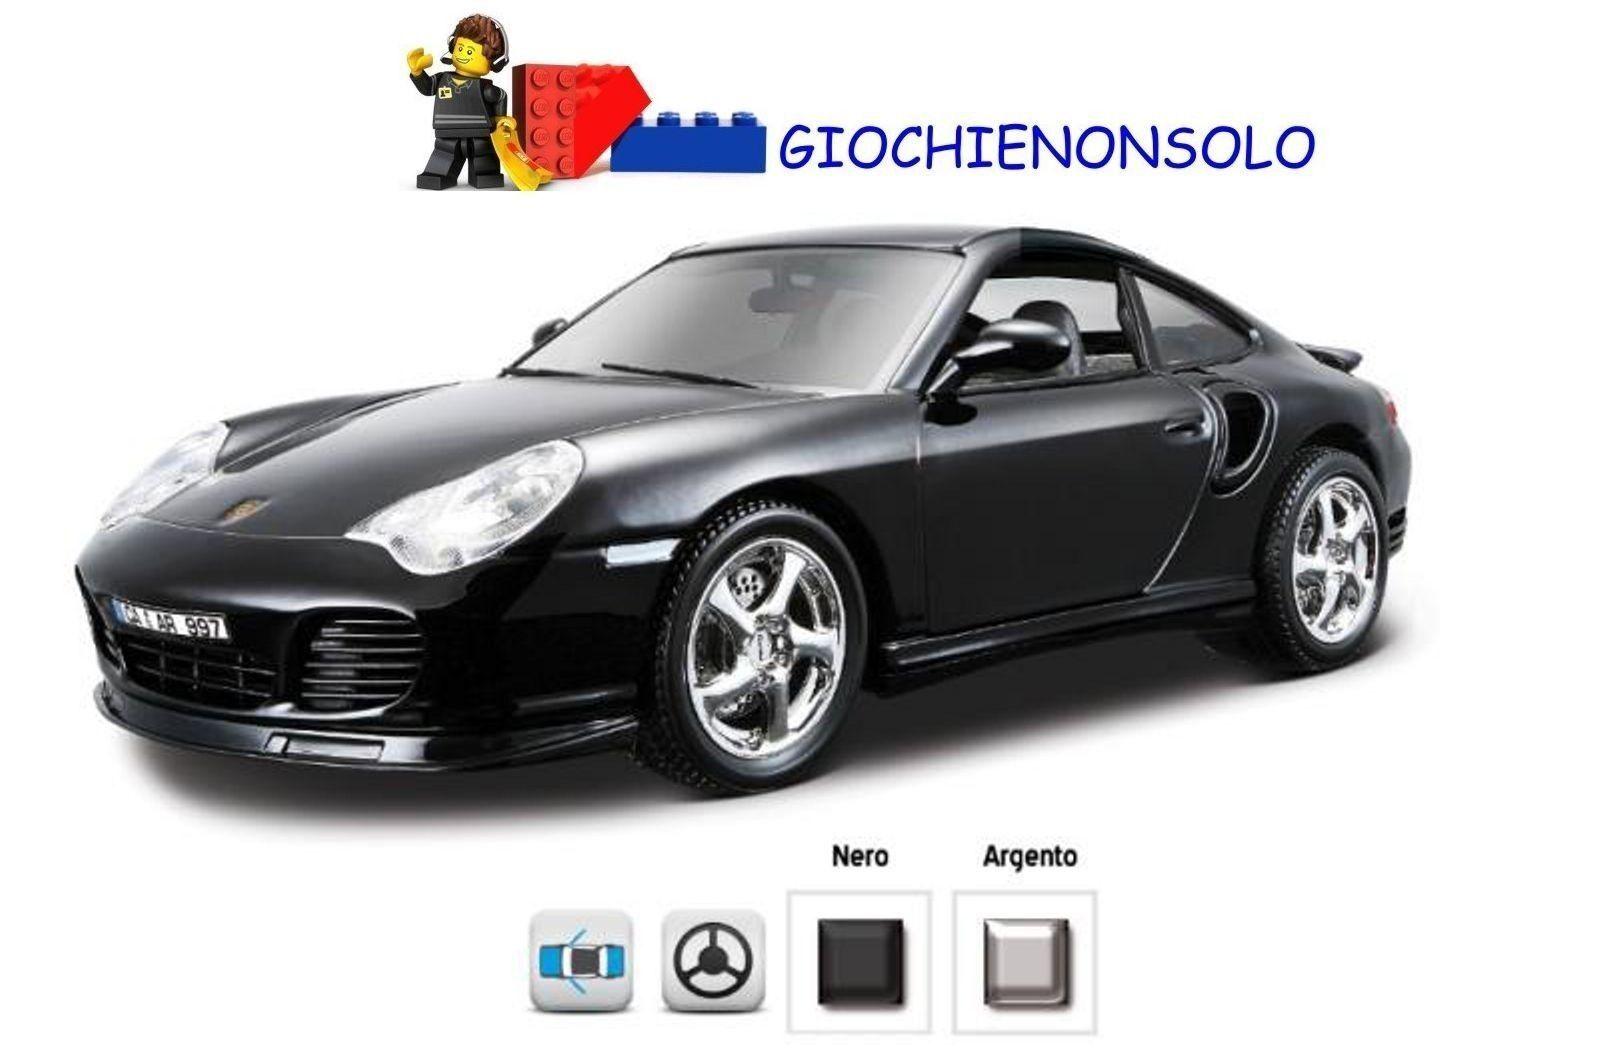 BBURAGO BBURAGO BBURAGO 12030 - PORSCHE 911 TURBO 1-18 7b45c5